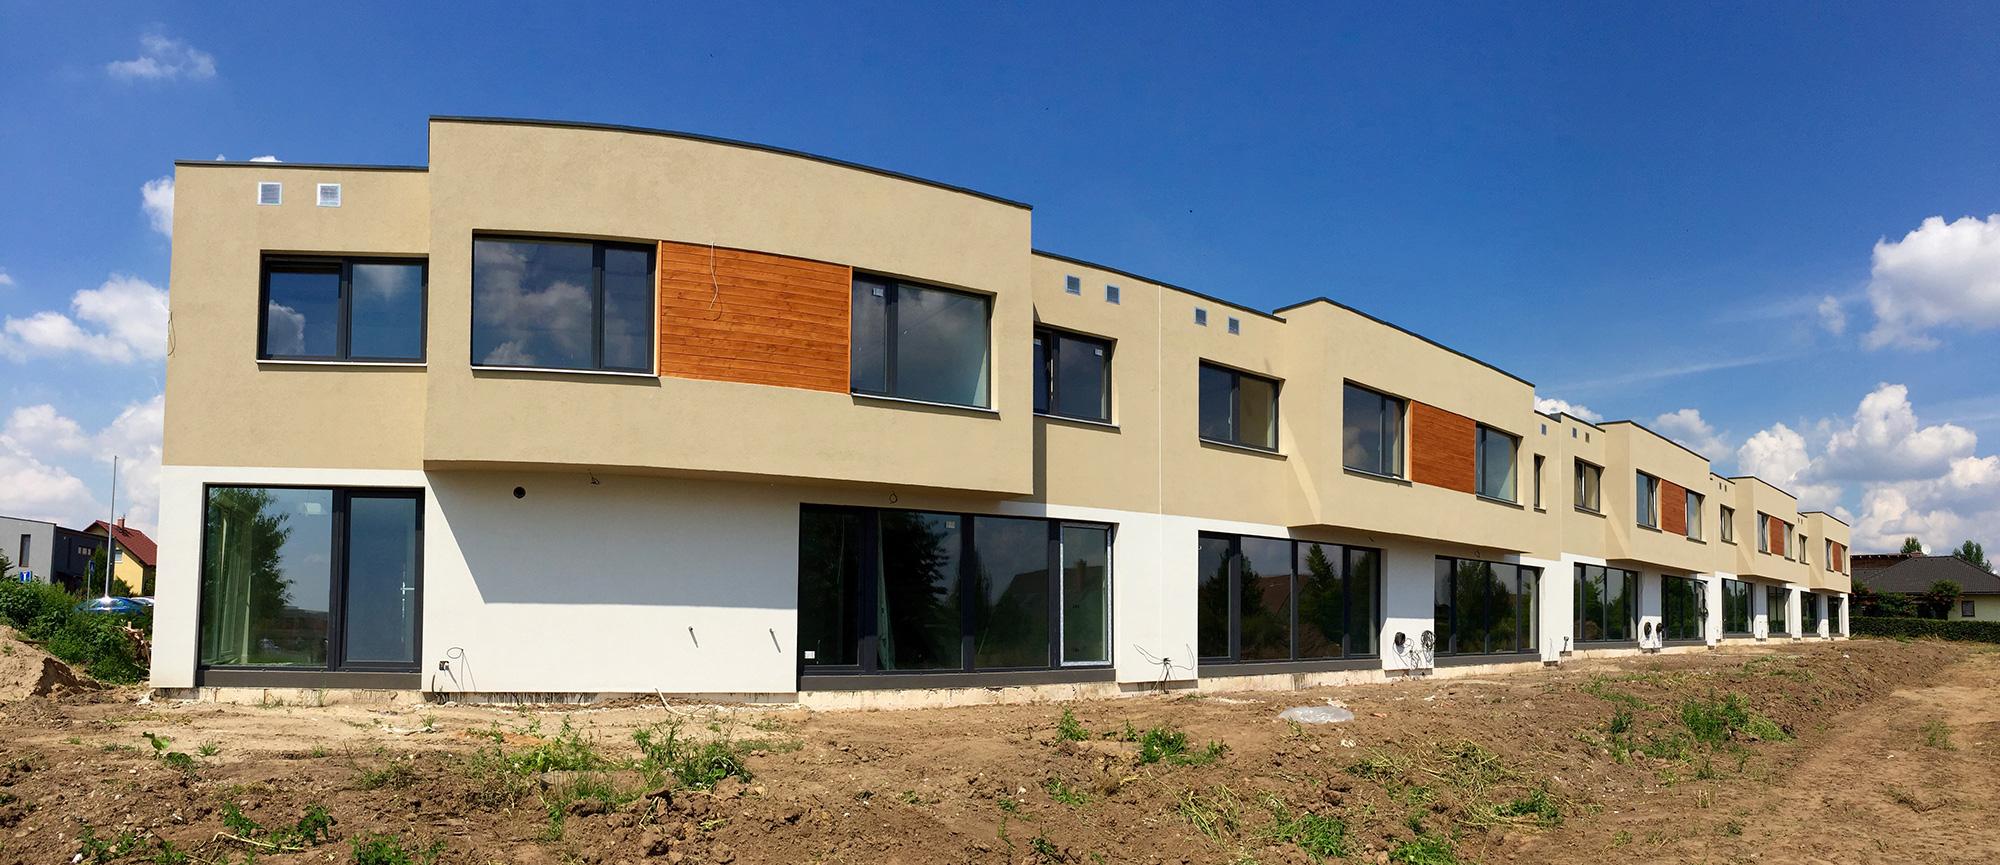 Golf Michalovice - řadové domy, první etapa. V barvách.